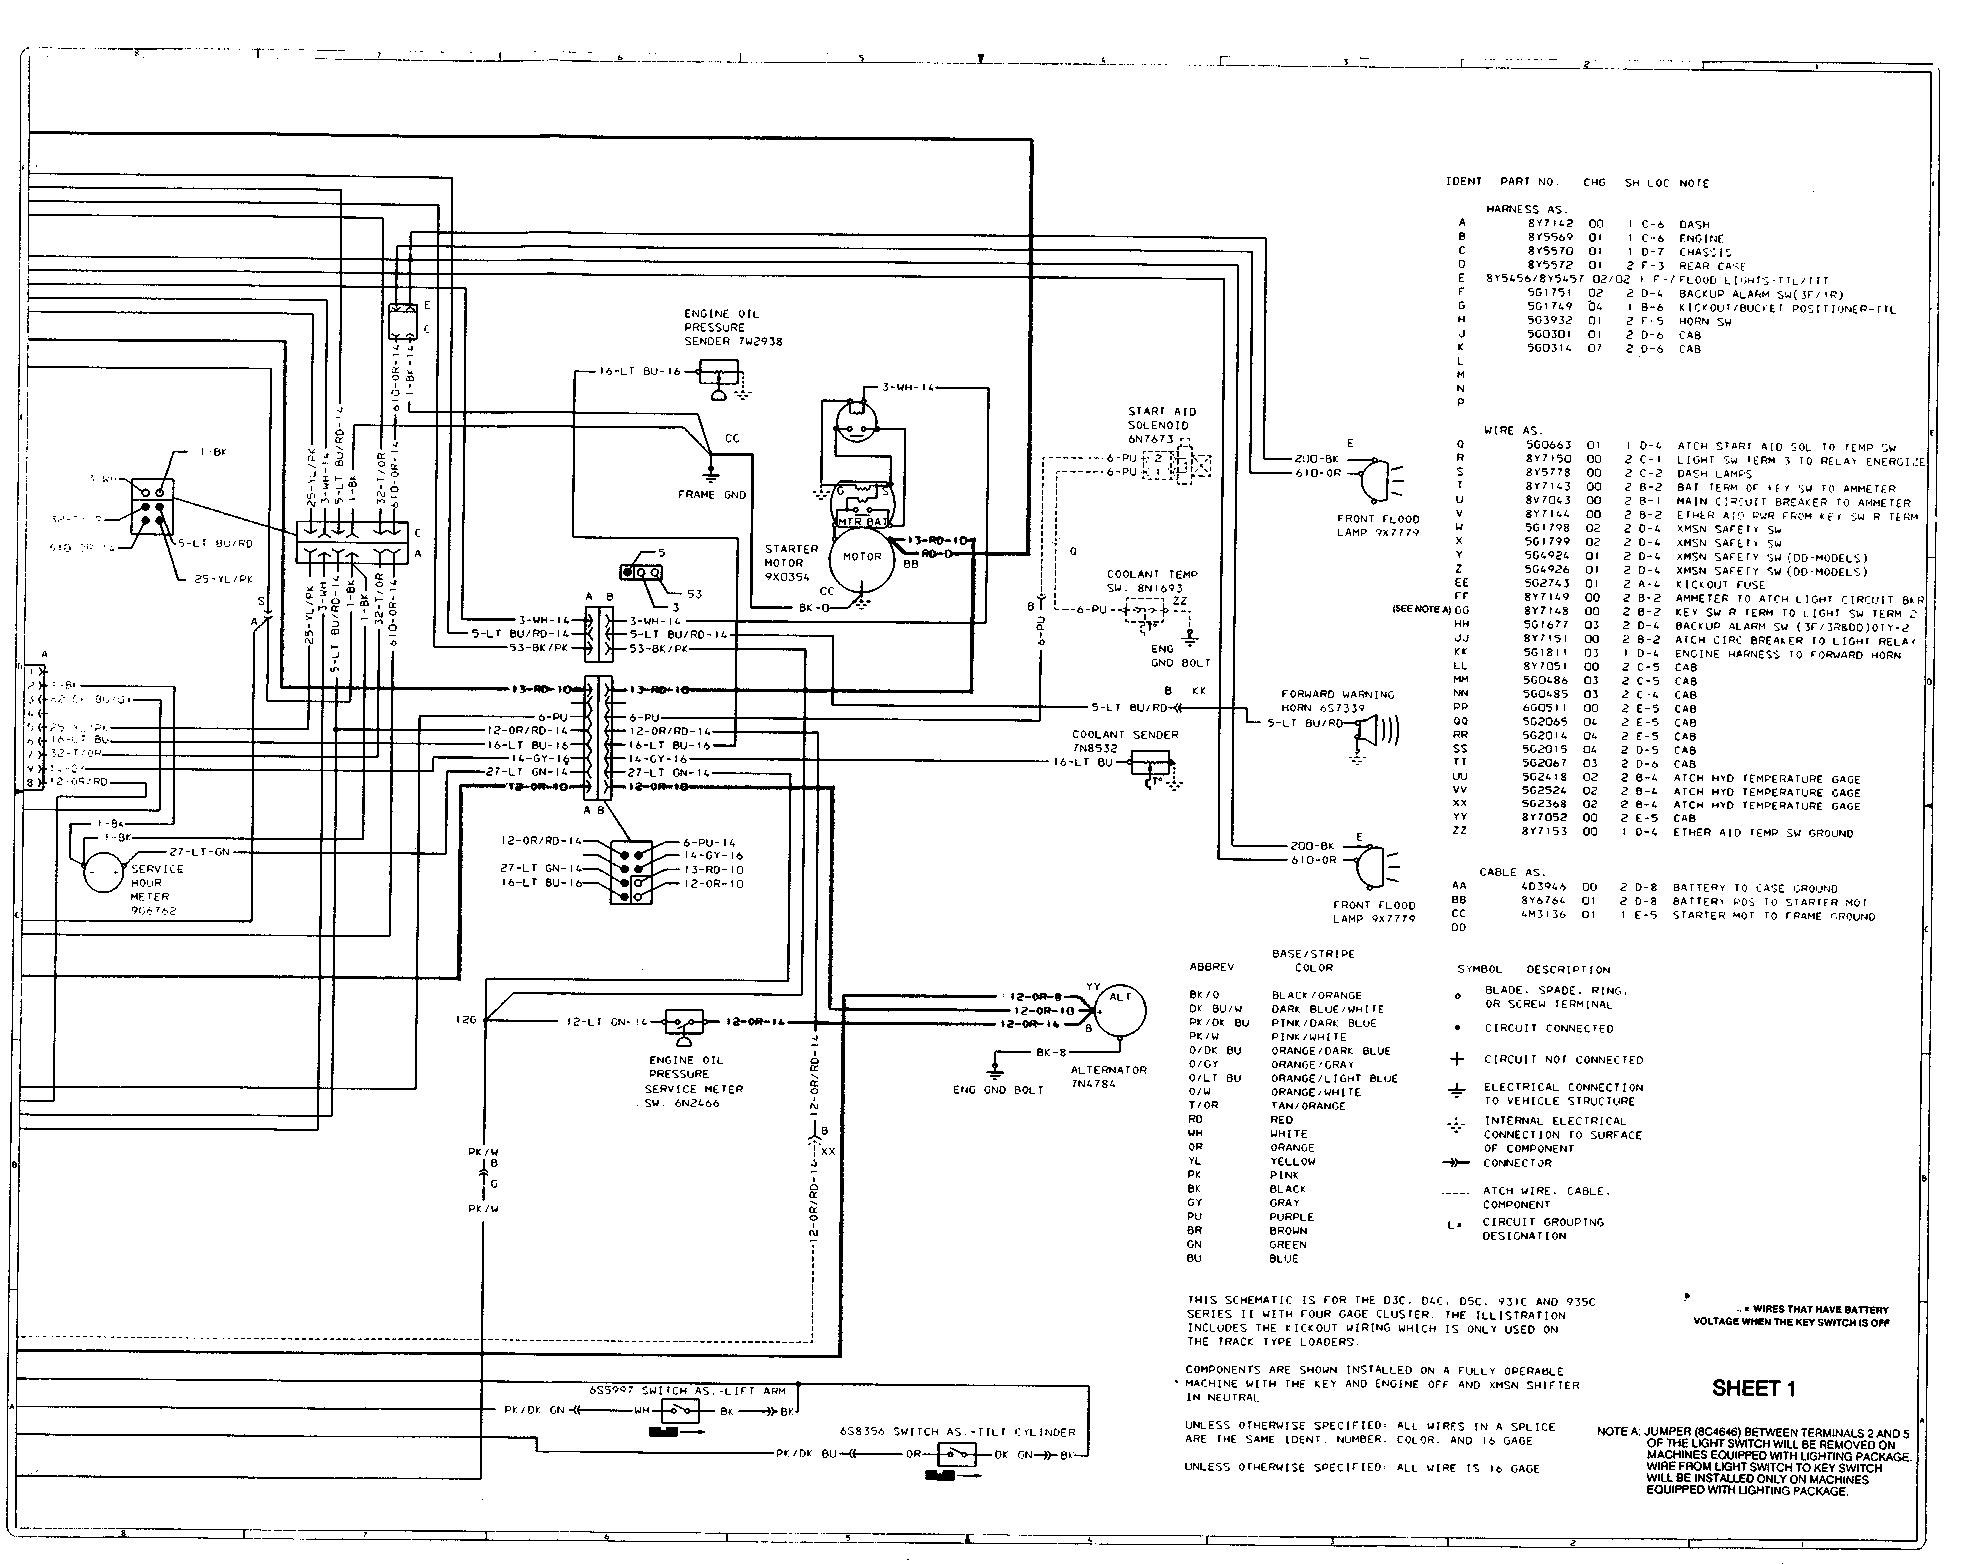 Cat D5 Wiring Diagram